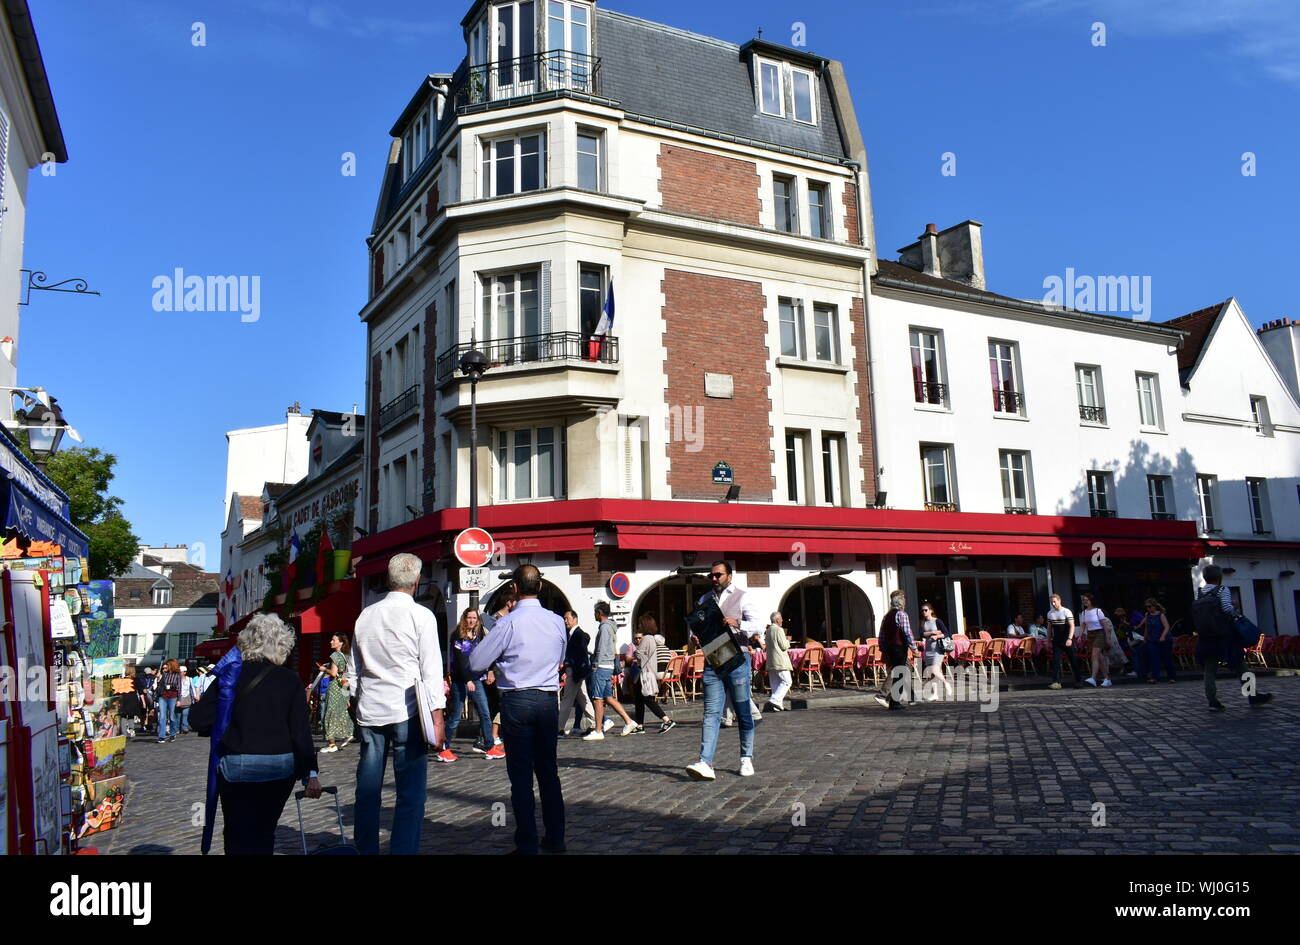 Montmartre am Morgen mit Touristen an einem sonnigen Tag. Paris, Frankreich. August 12, 2019. Stockfoto